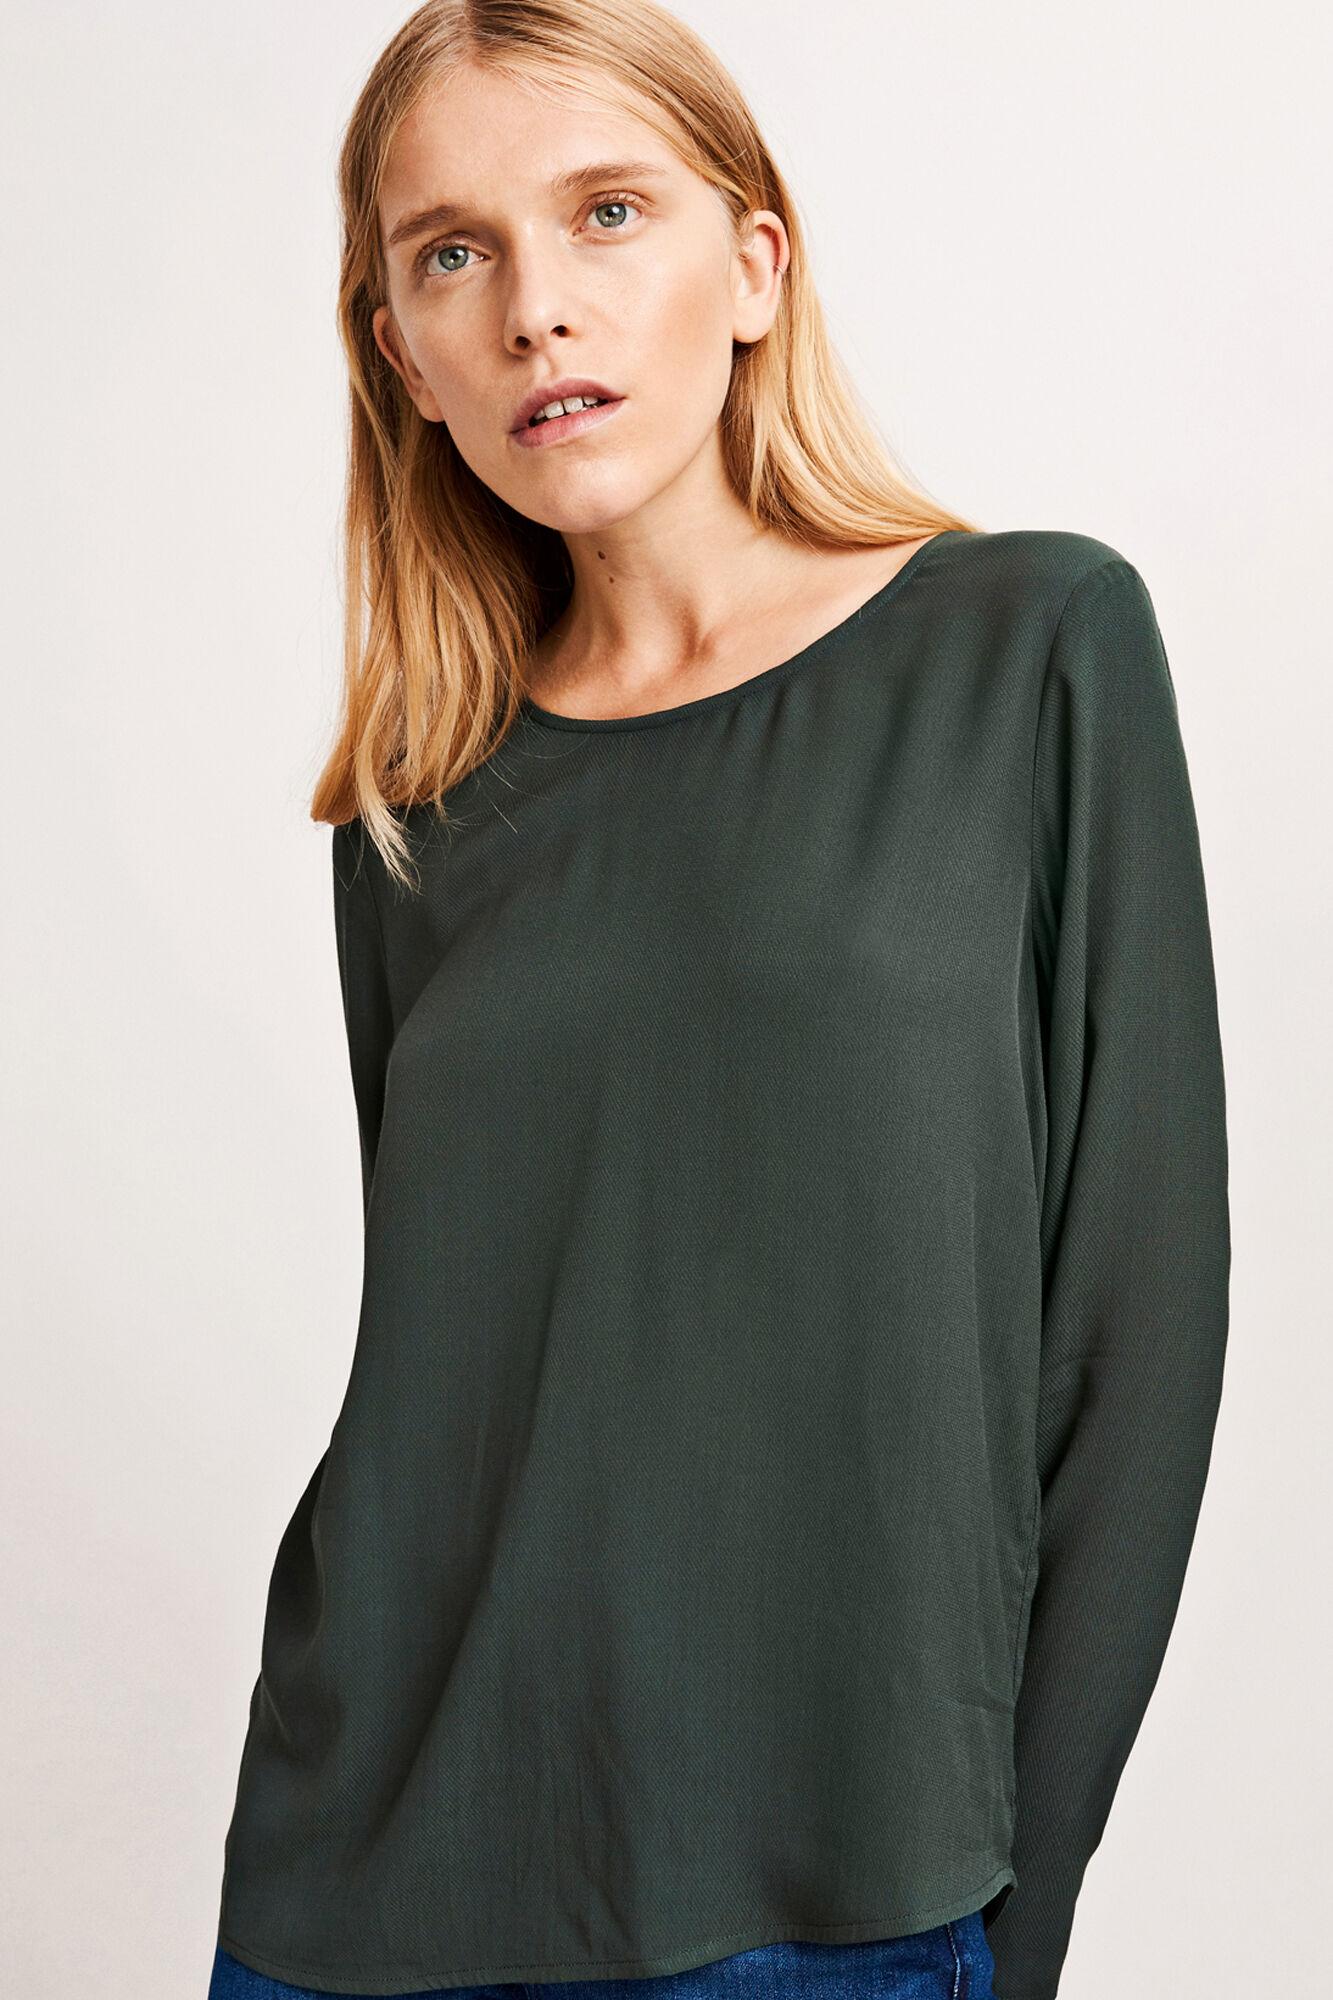 Marsh blouse 5991